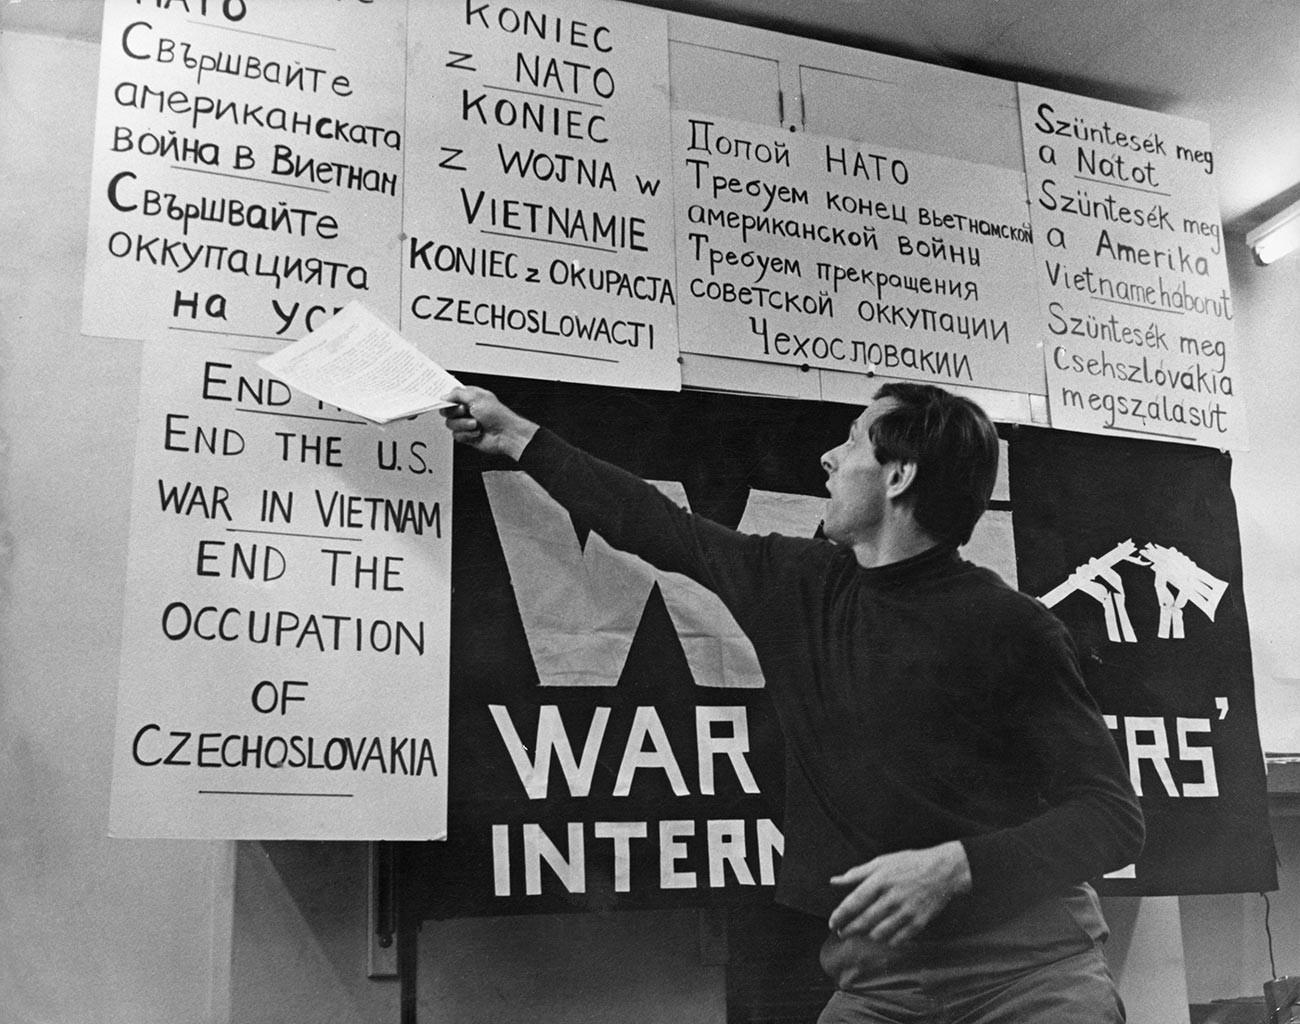 平和活動家マイケル・レンデル。1966年にブレイクのウォームウッド・スクラブズ刑務所から脱走の手助けをしていた。